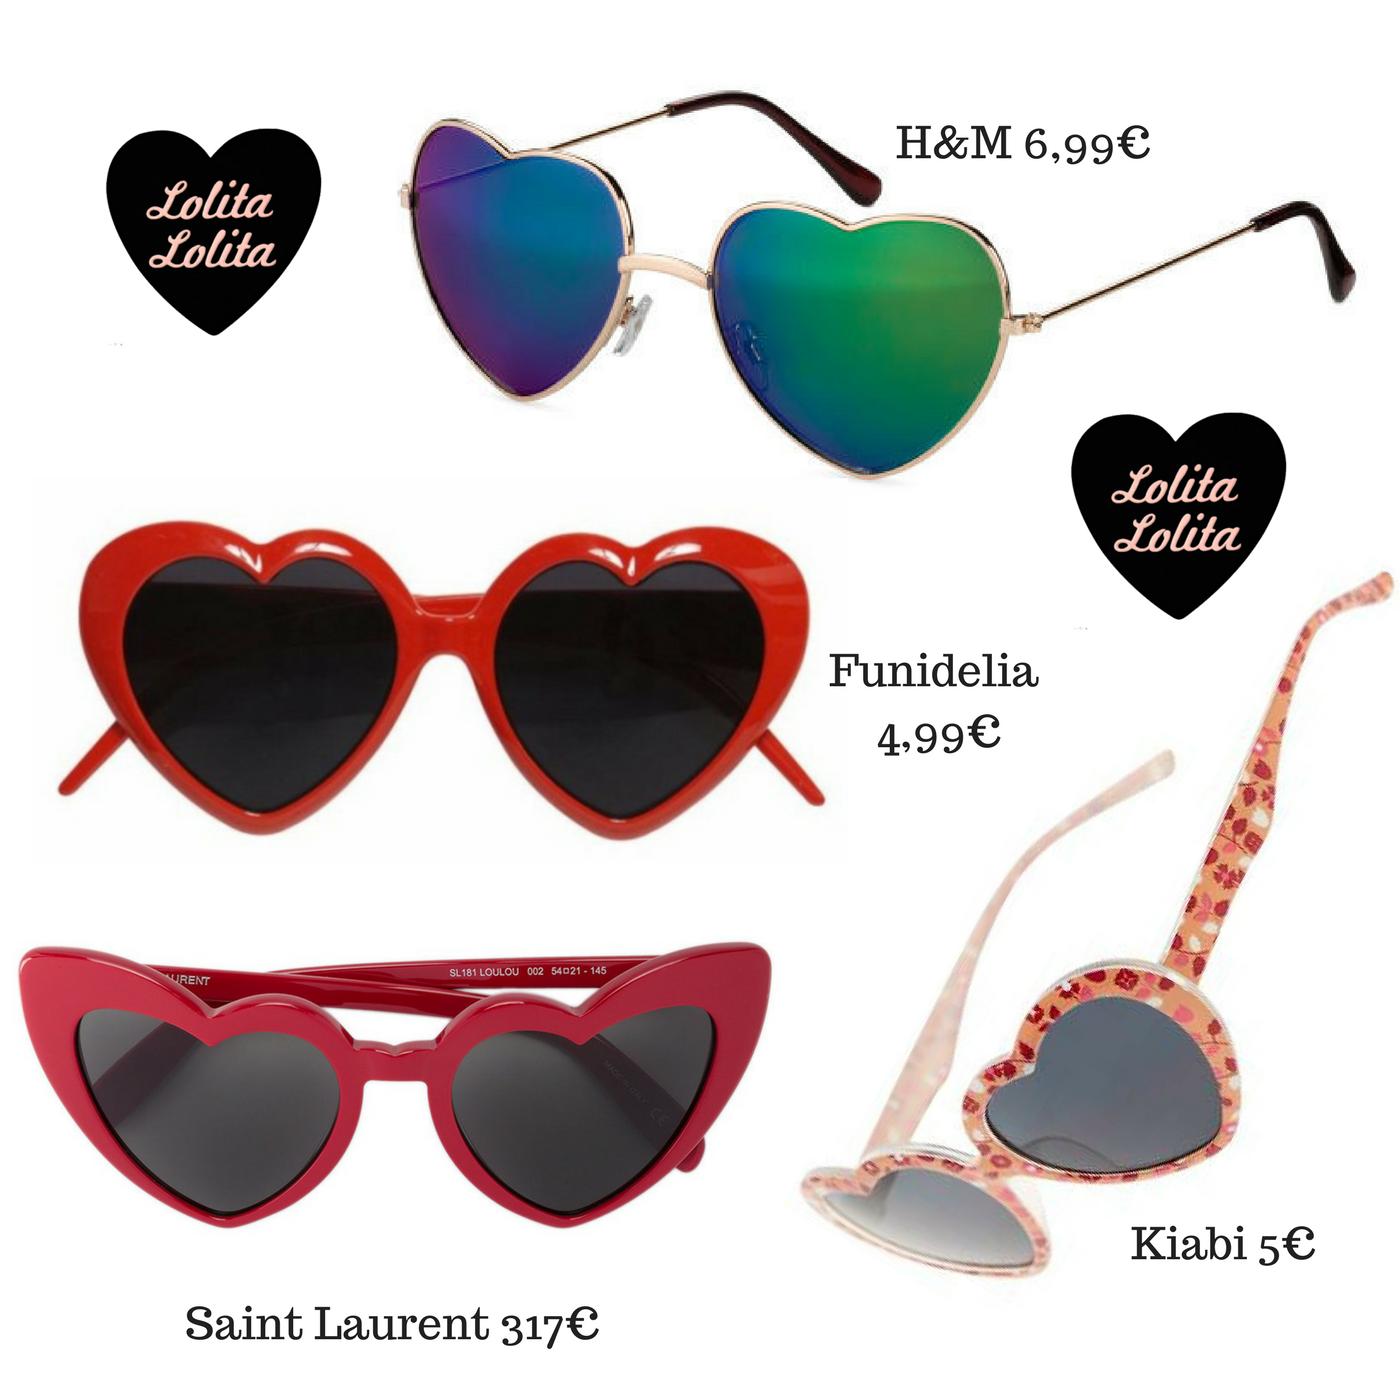 baa8cc30212d9 Deixo-vos alguns modelitos, dos mais variados preços, que a moda quando  nasce, nasce para todos.